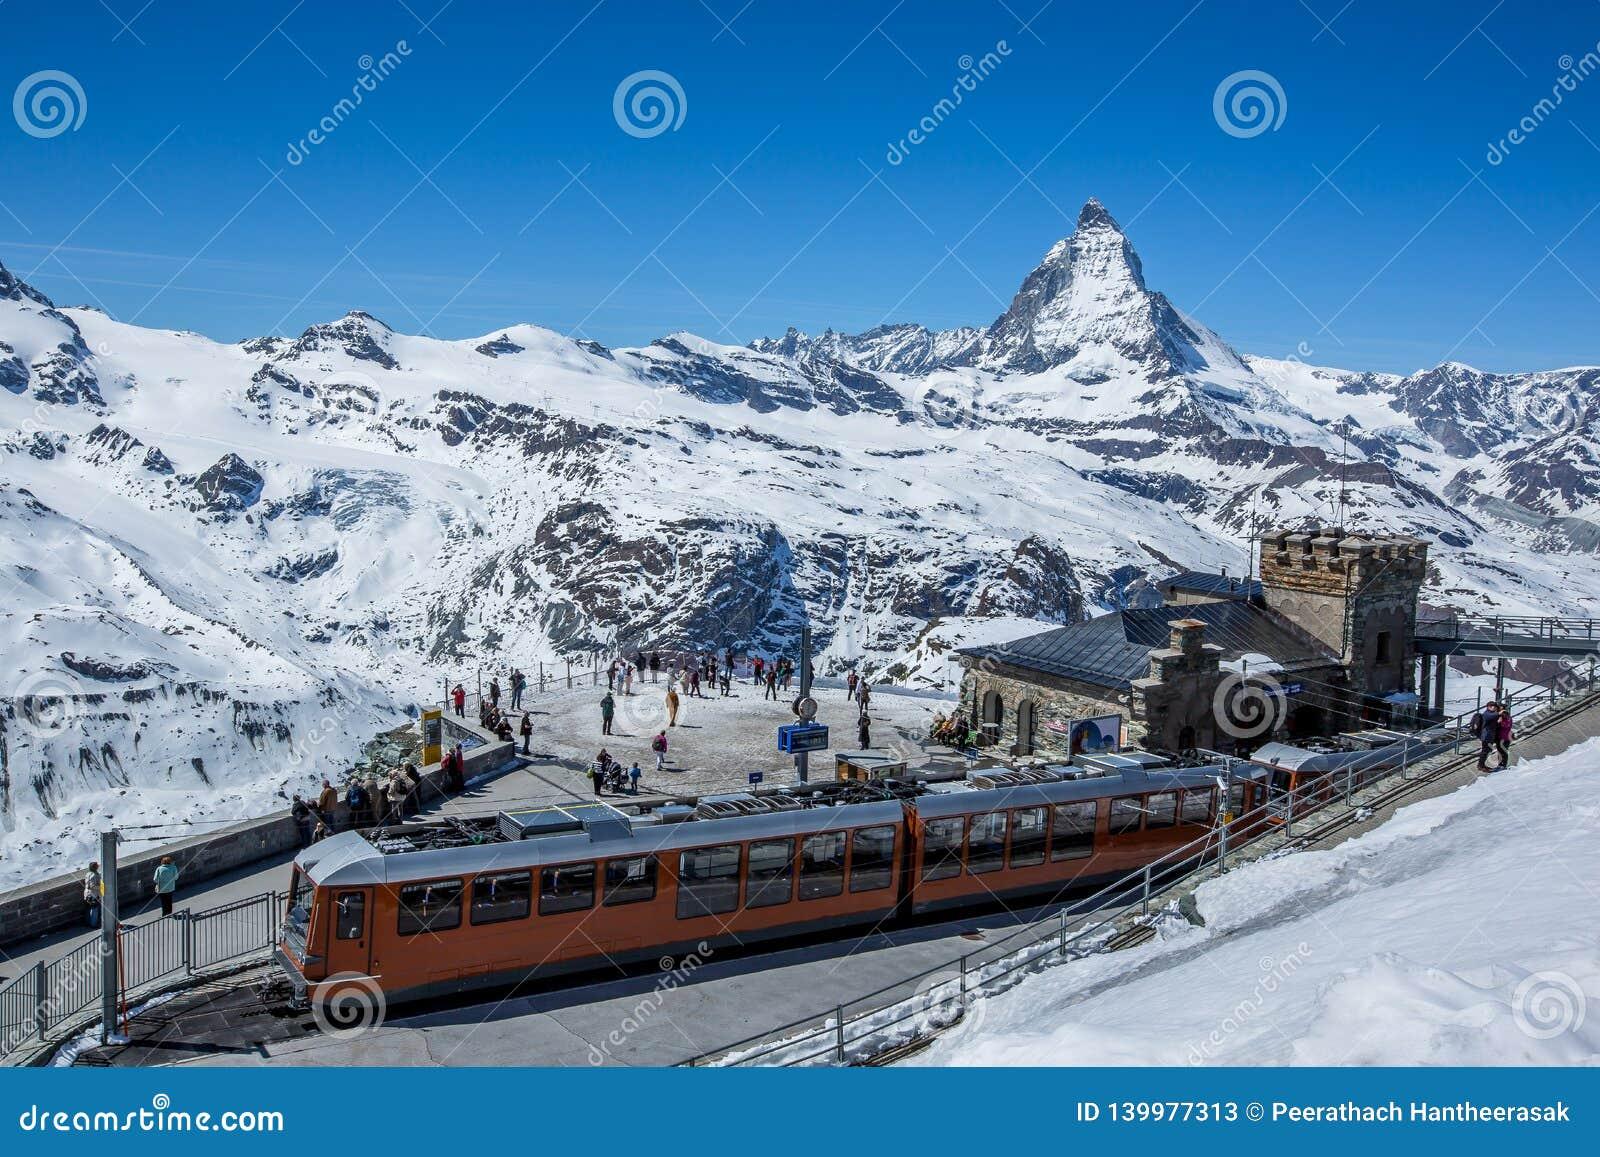 Gornergrat Train Station and The Matterhorn - Zermatt, Switzerland